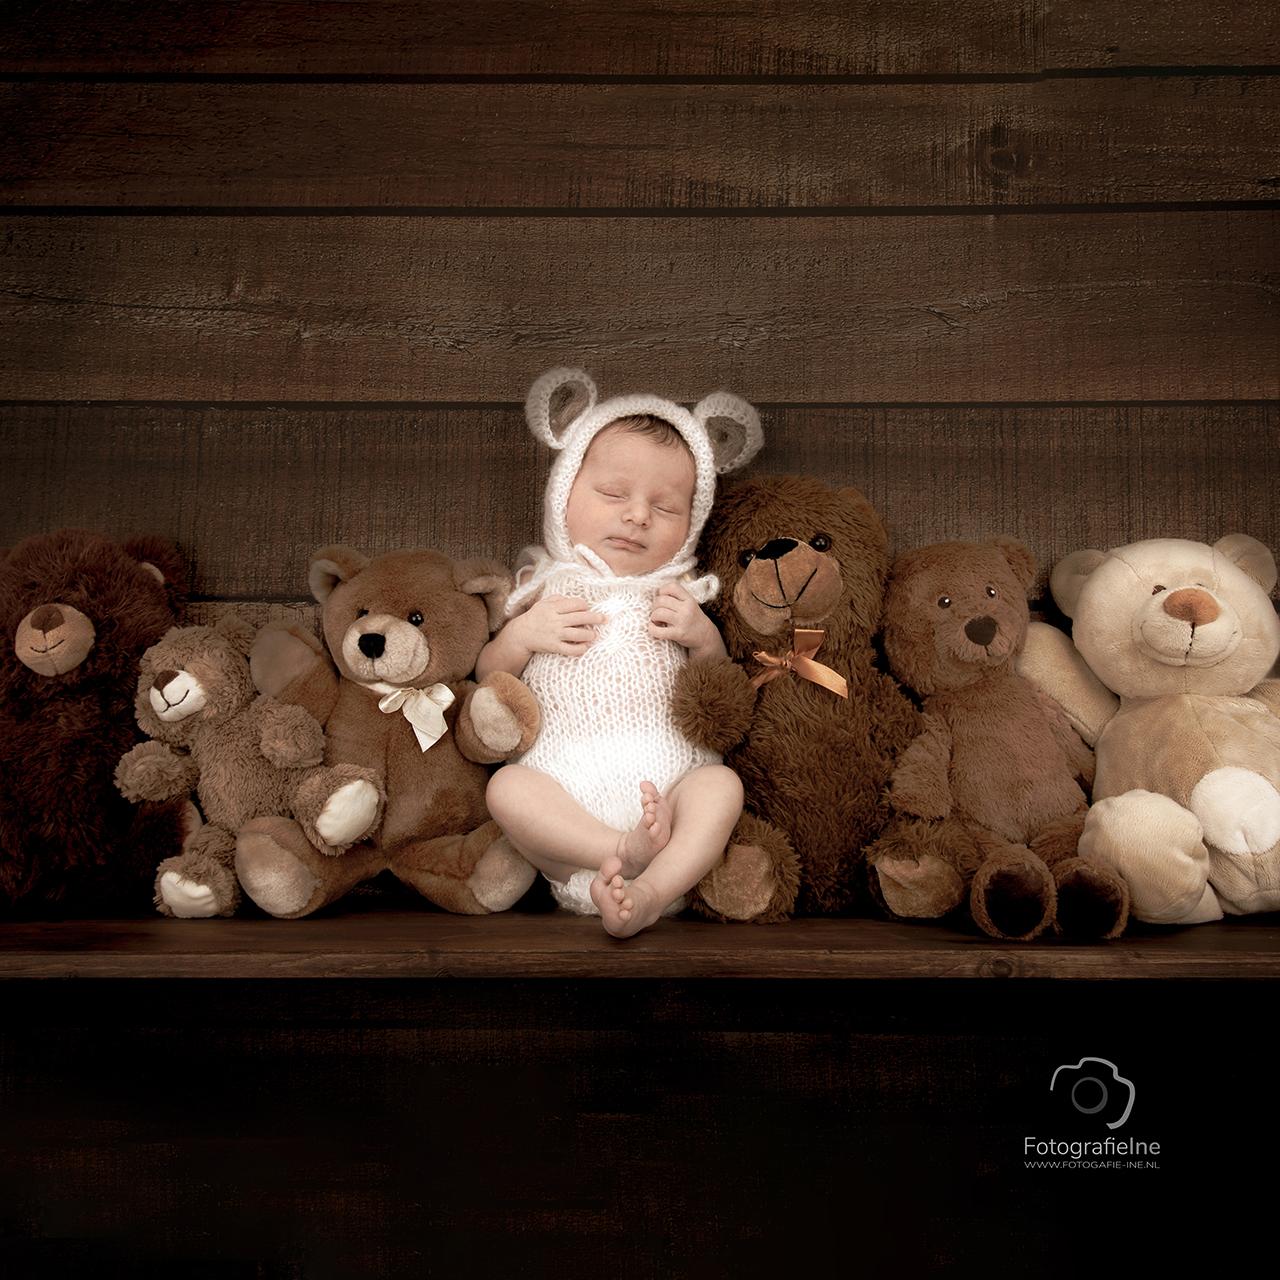 Fotografie Ine newborn fotoshoot beertje plank